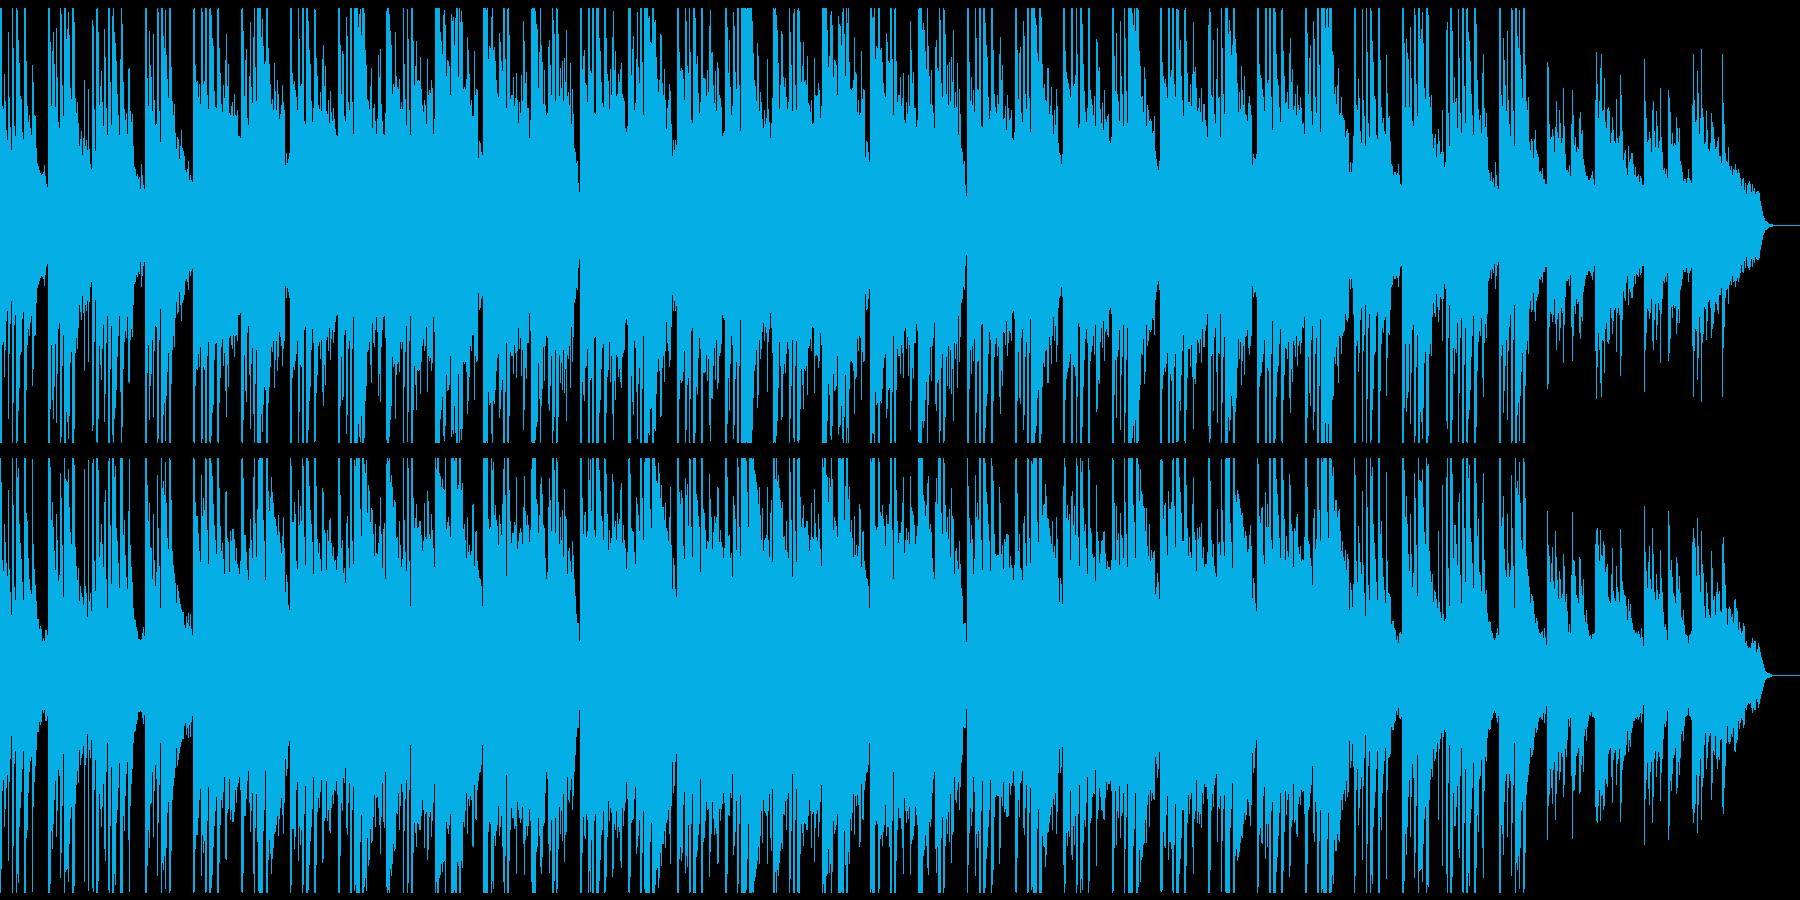 和風バラード 琴、和太鼓、尺八、ピアノの再生済みの波形